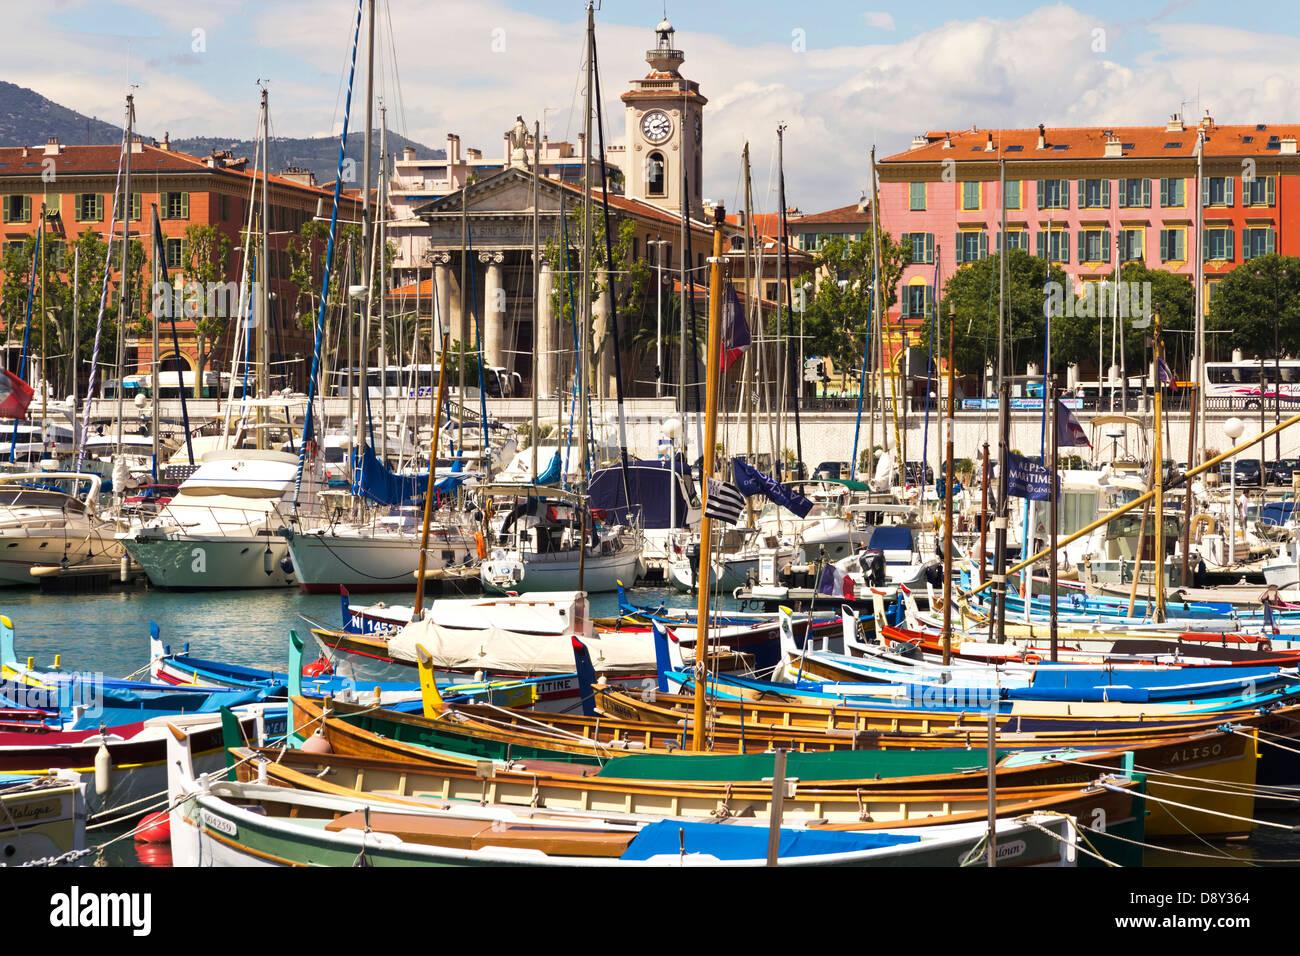 Port de Nice Côte d'Azur Provence France Photo Stock